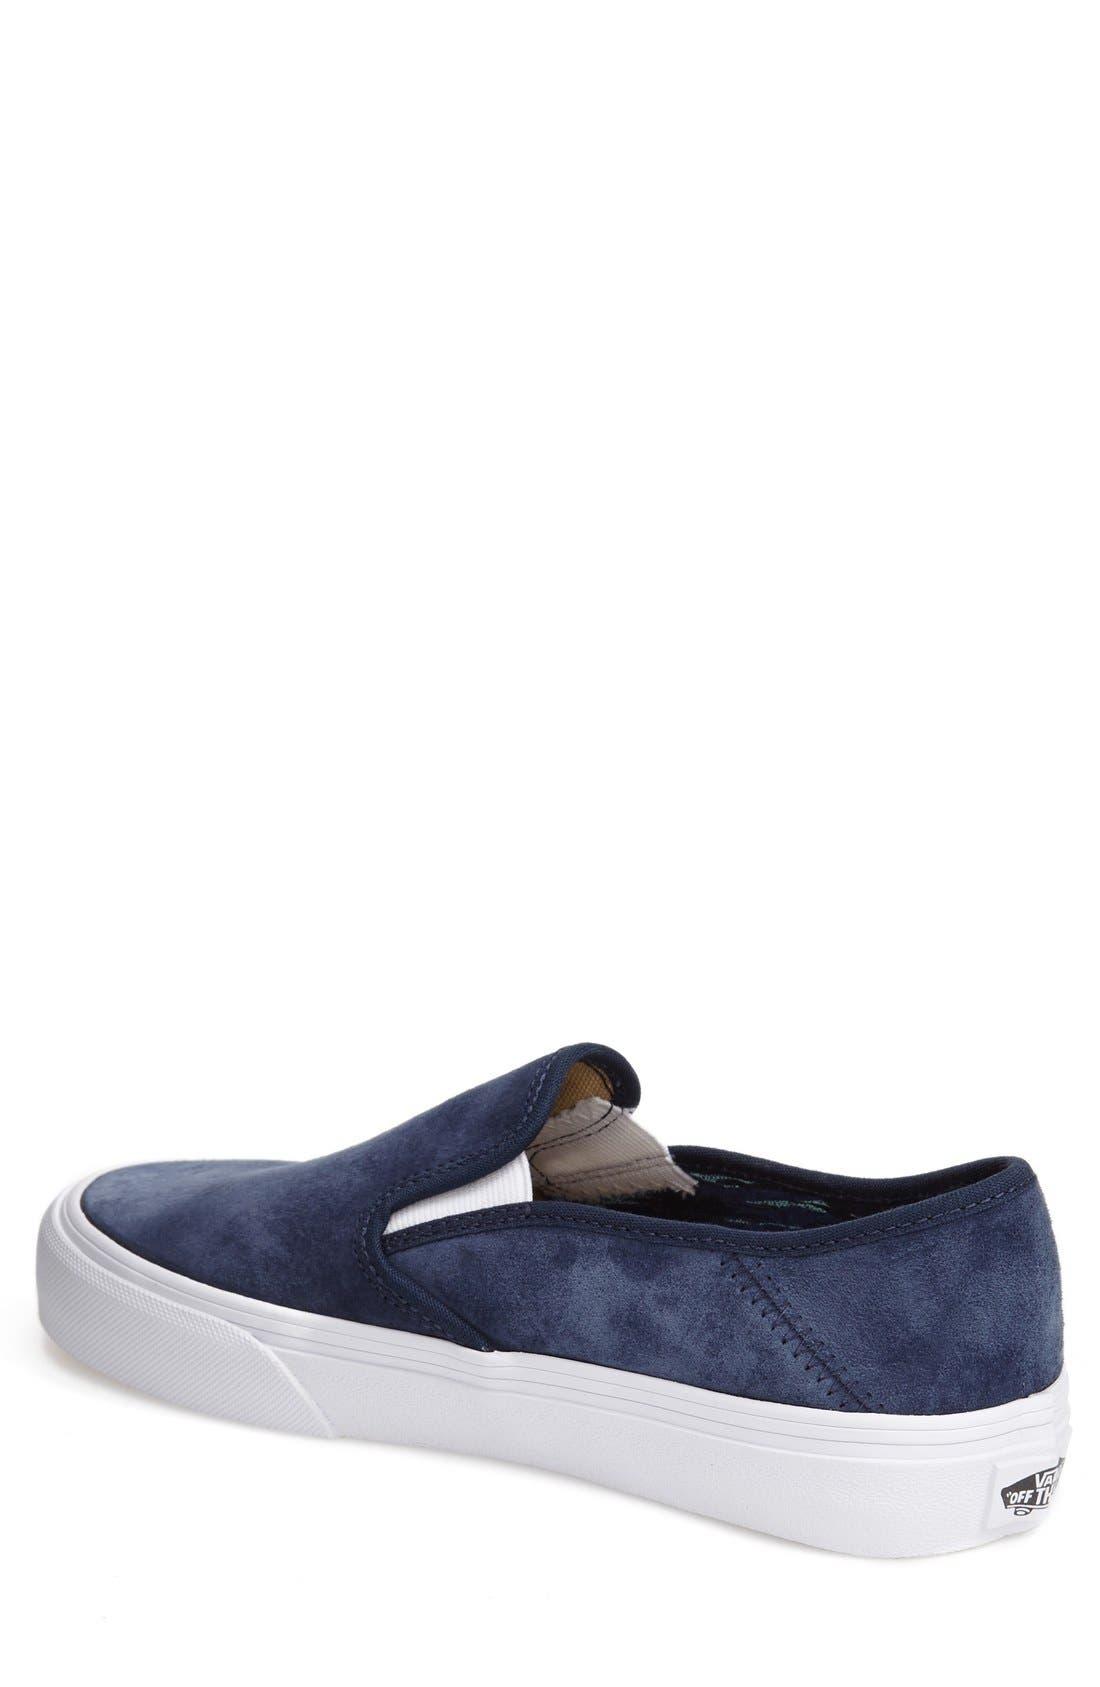 Alternate Image 2  - Vans SF Slip-On Sneaker (Women)